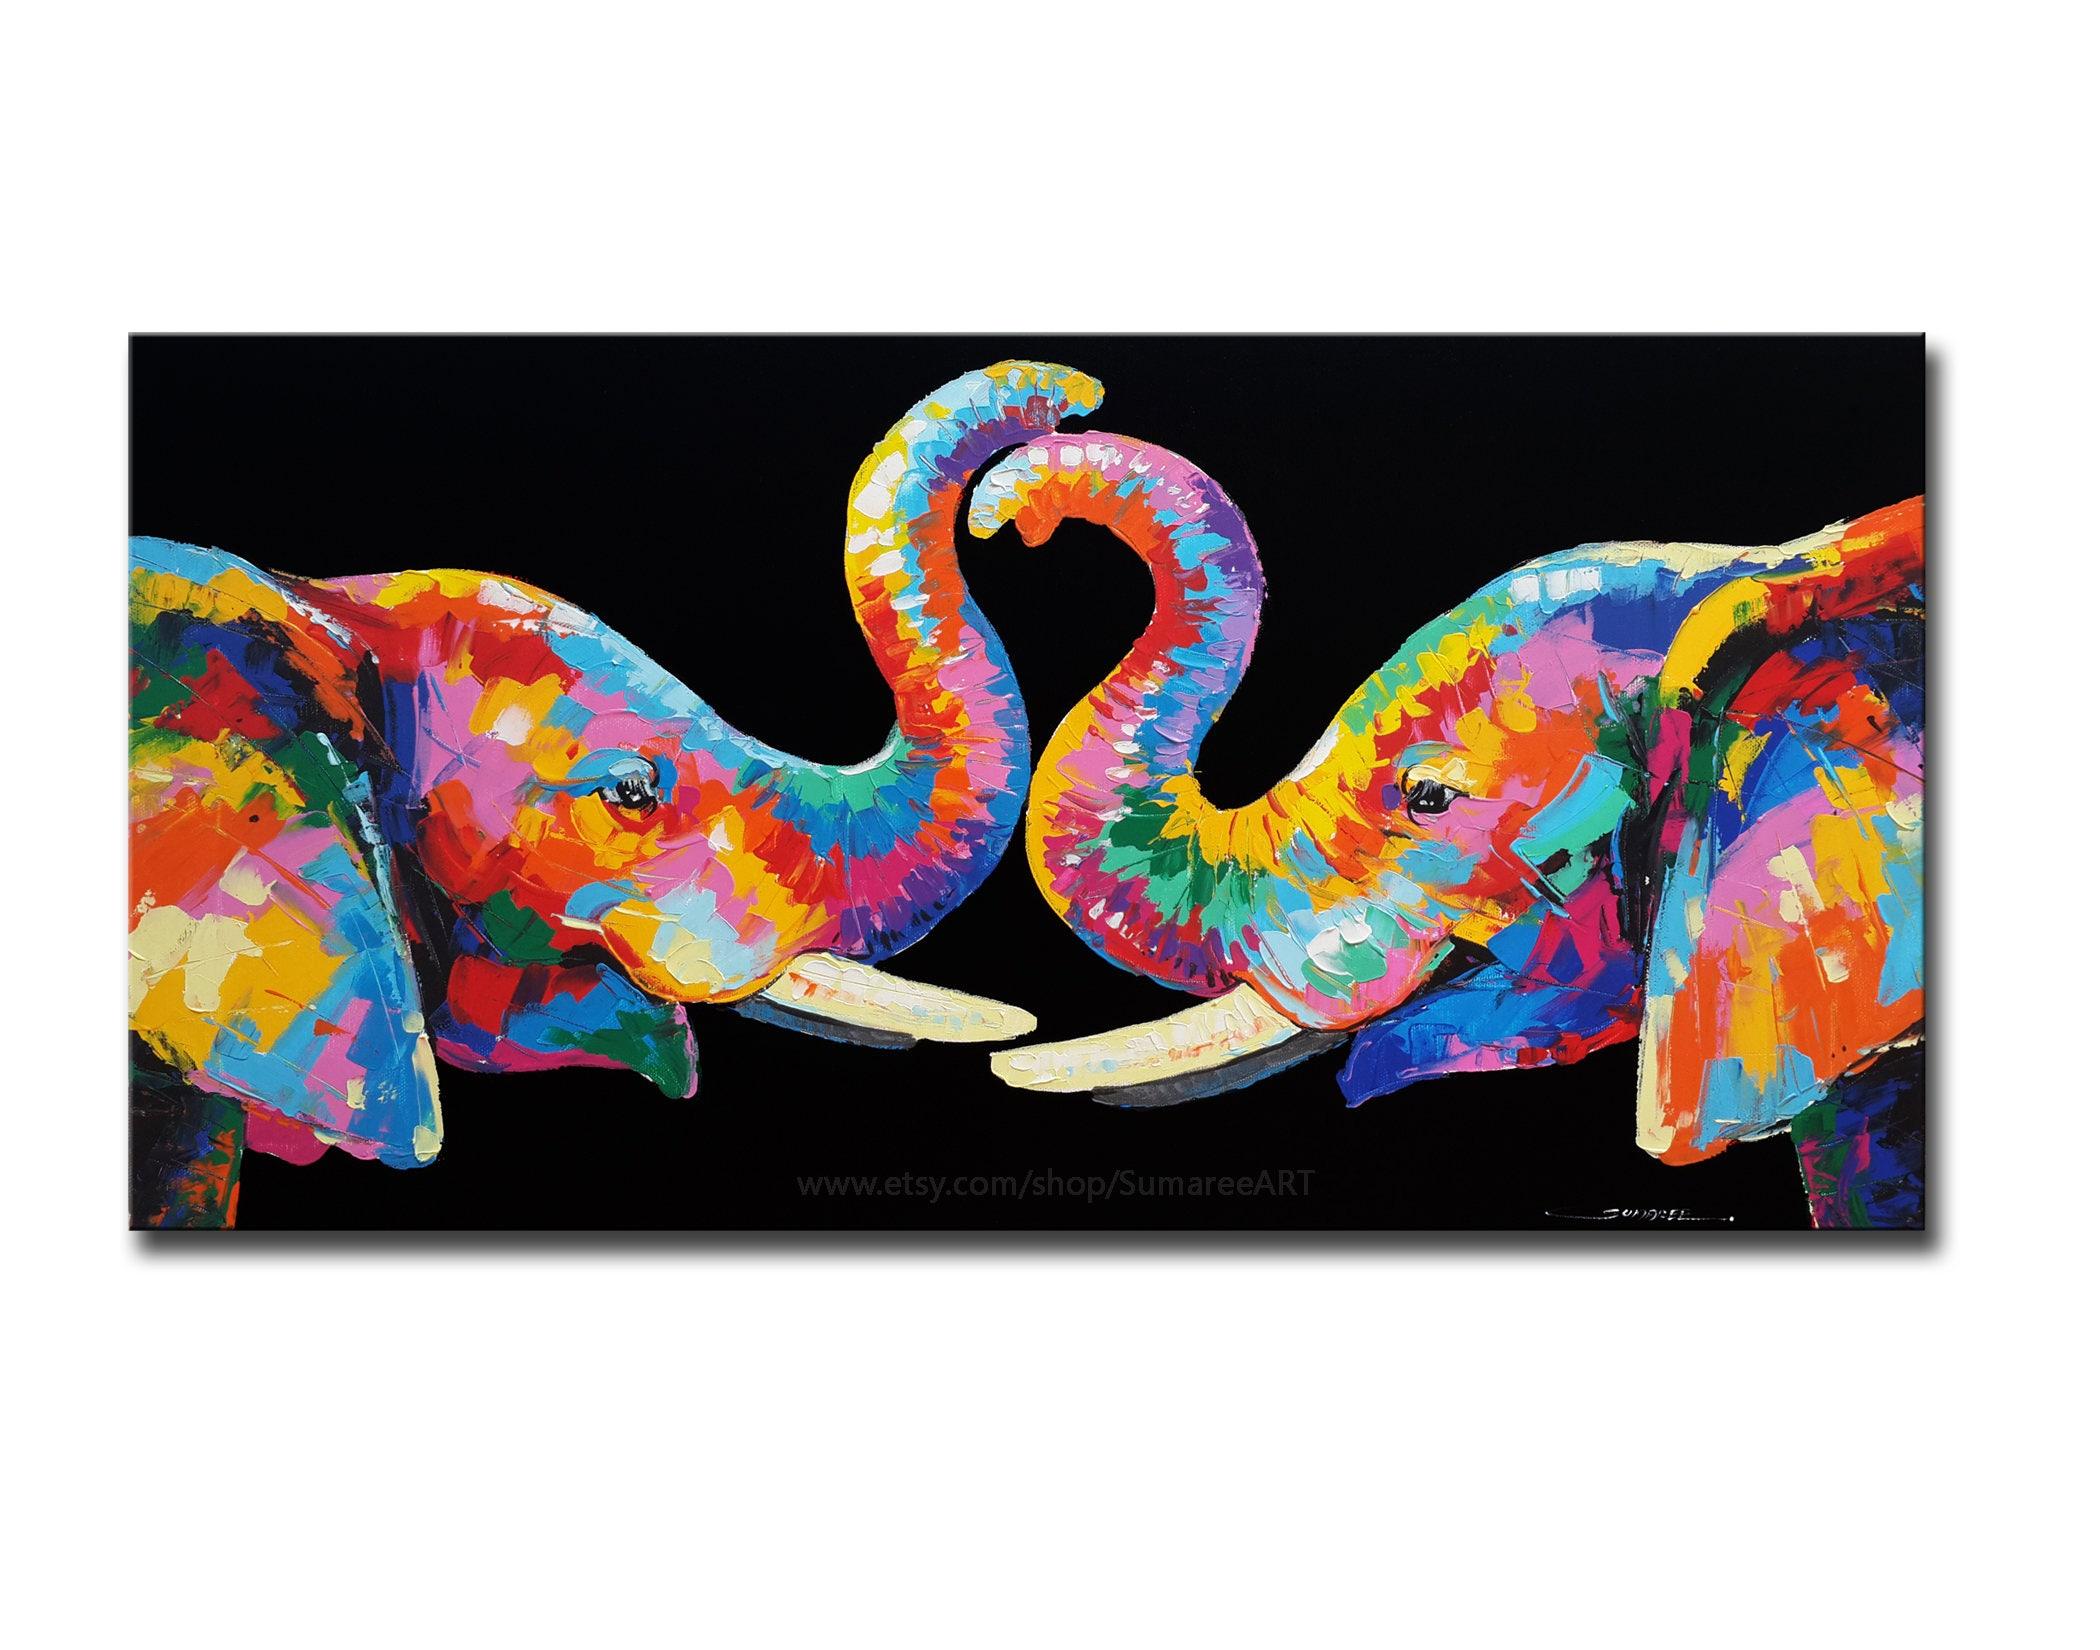 Rainbow elephant wall decor paintings 40x80cm